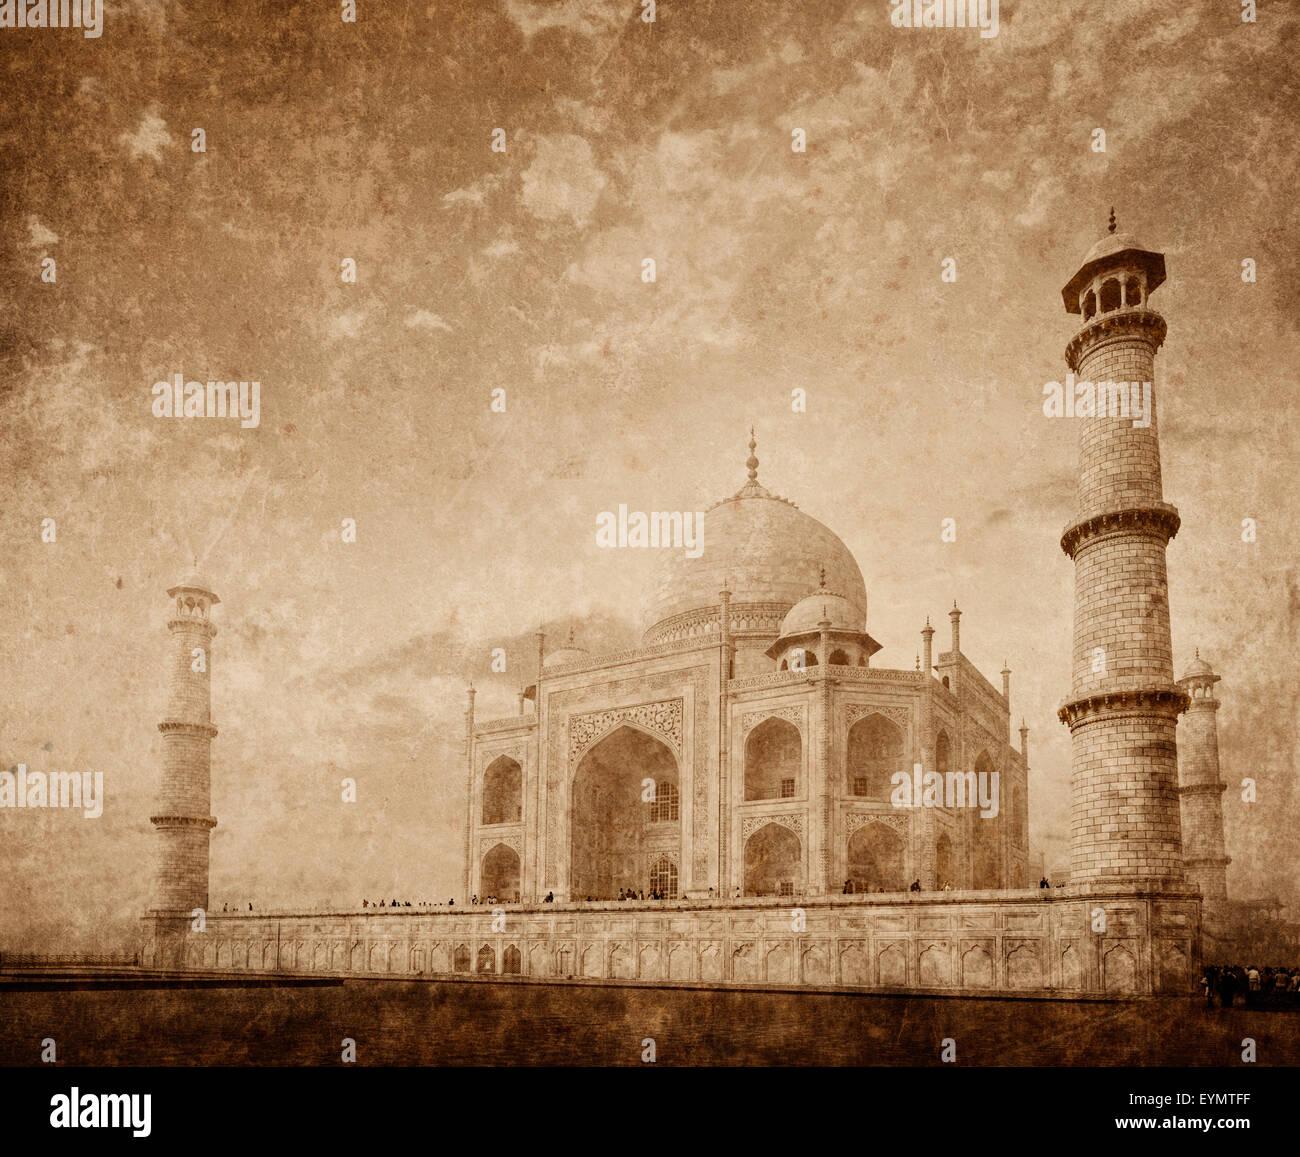 Symbole indien Taj Mahal - Inde billet d'arrière-plan avec la texture grunge superposées. Agra, Inde Photo Stock